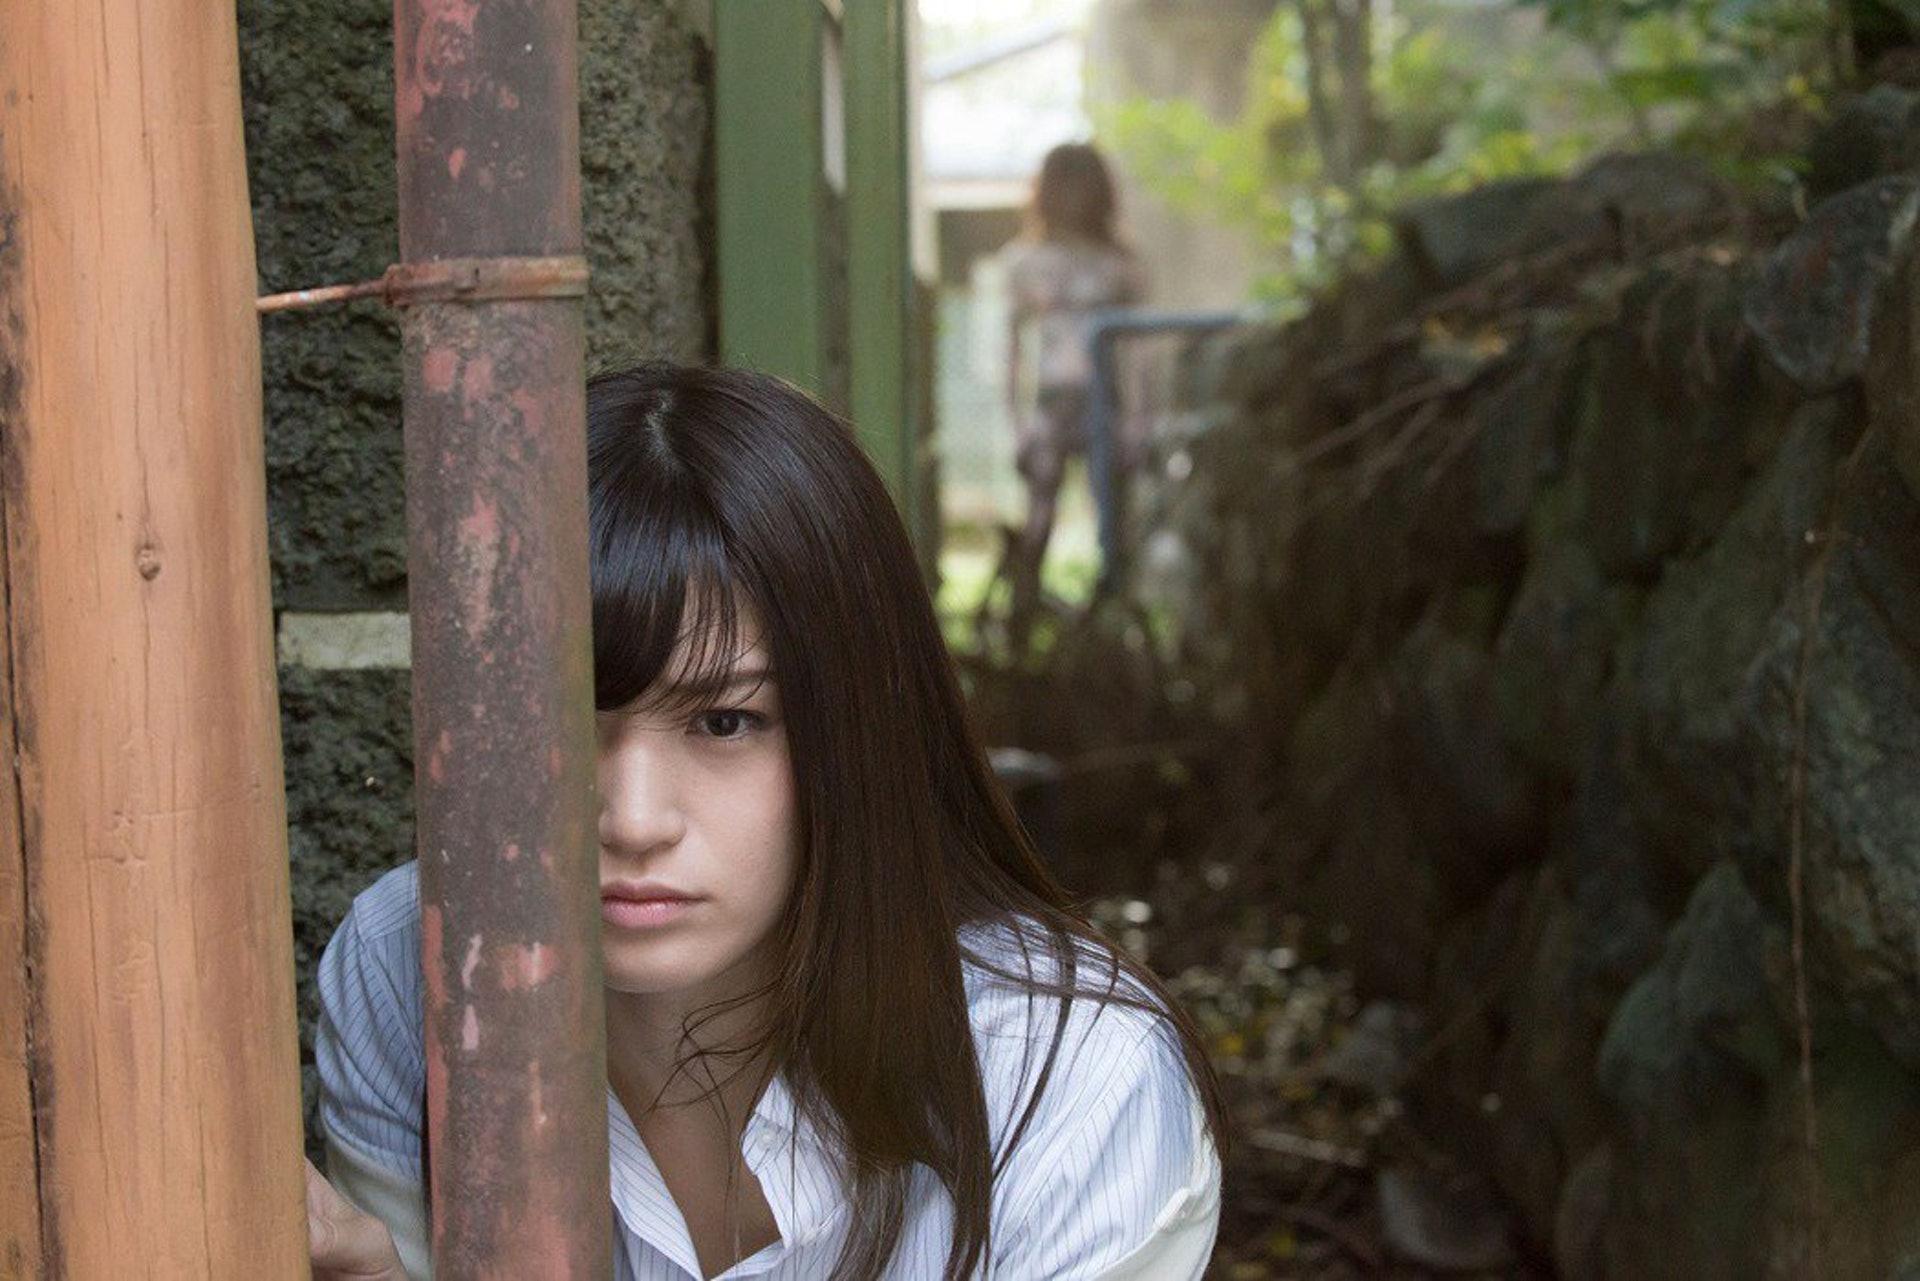 ข่าวสารAV-Shoko Takahashi กับหนังซอมบี้สุดระทึกที่นักแสดงเองก็ยังงง